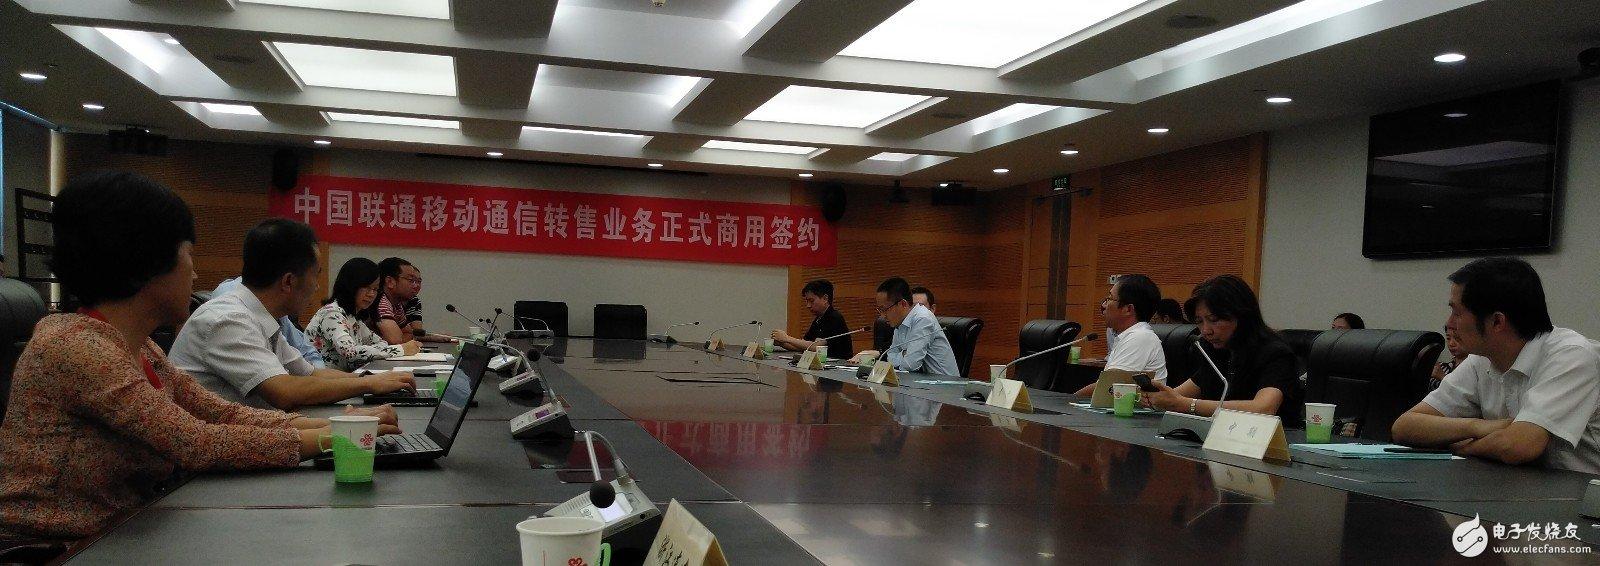 中国联通第二批移动转售业务正式商用,与12家运营商完成商用合约签署